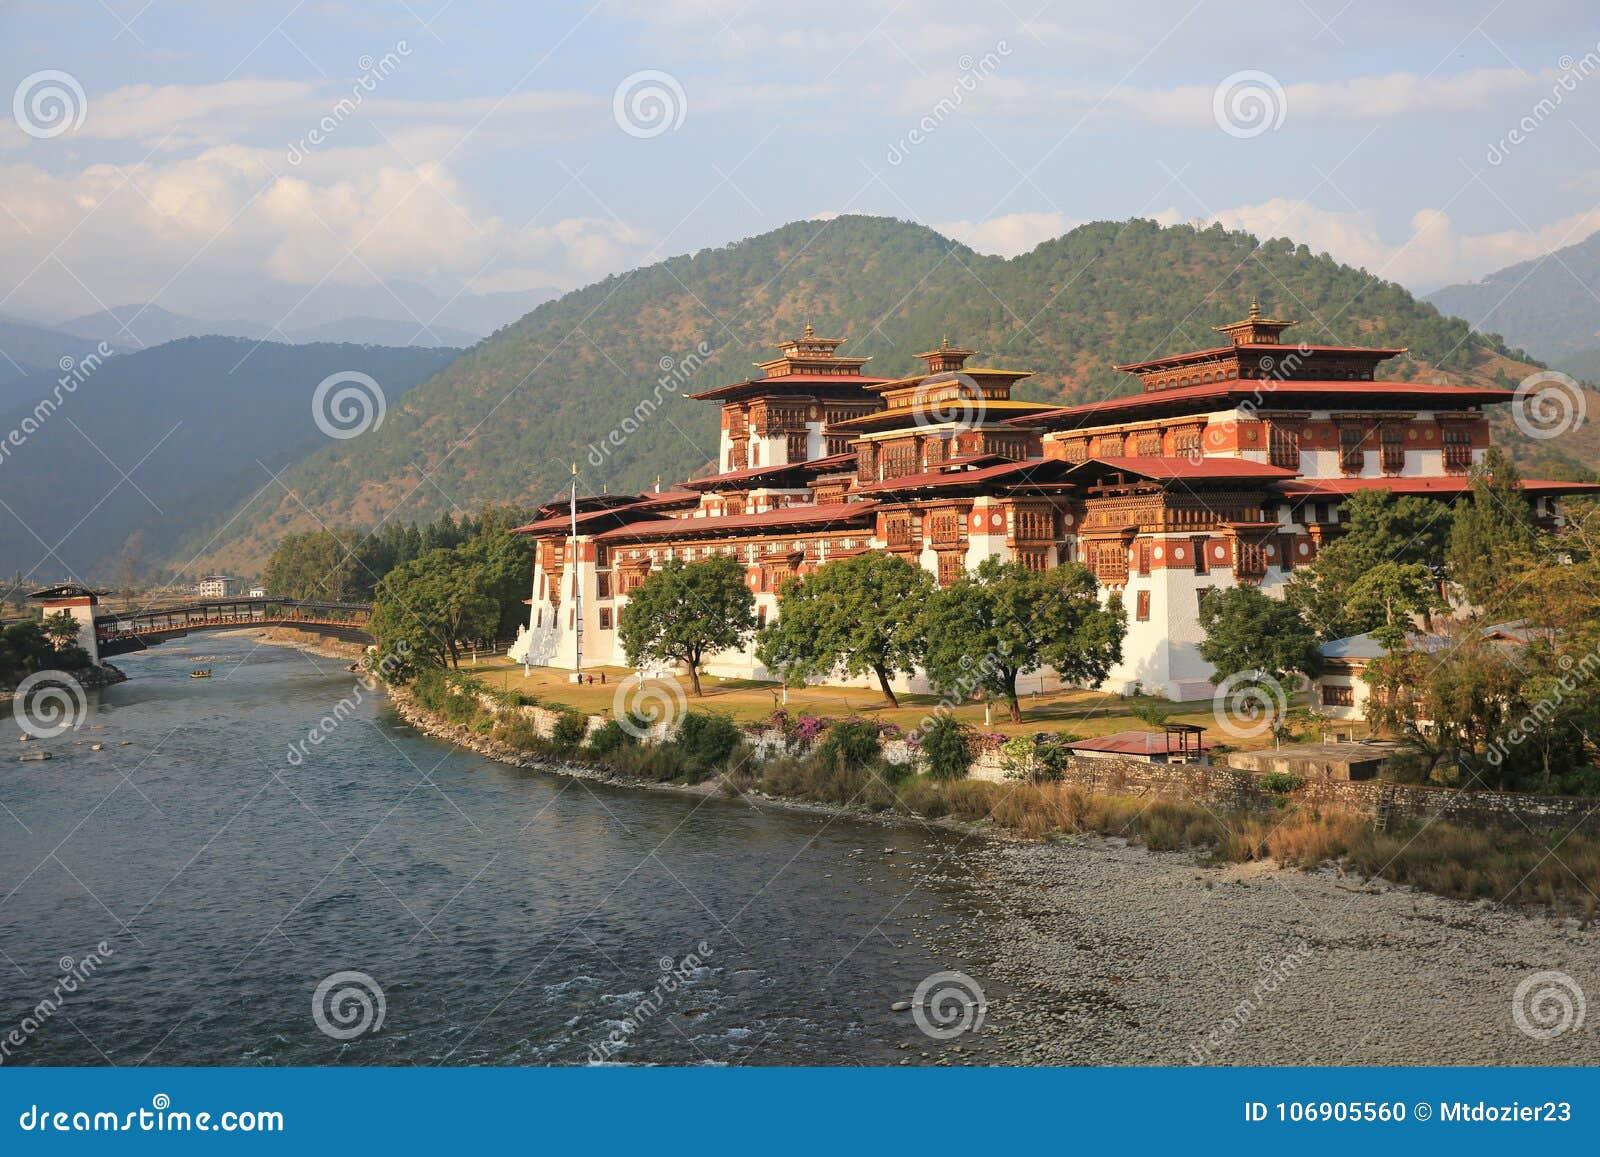 Majestatyczny Punakha Dzong, Bhutan